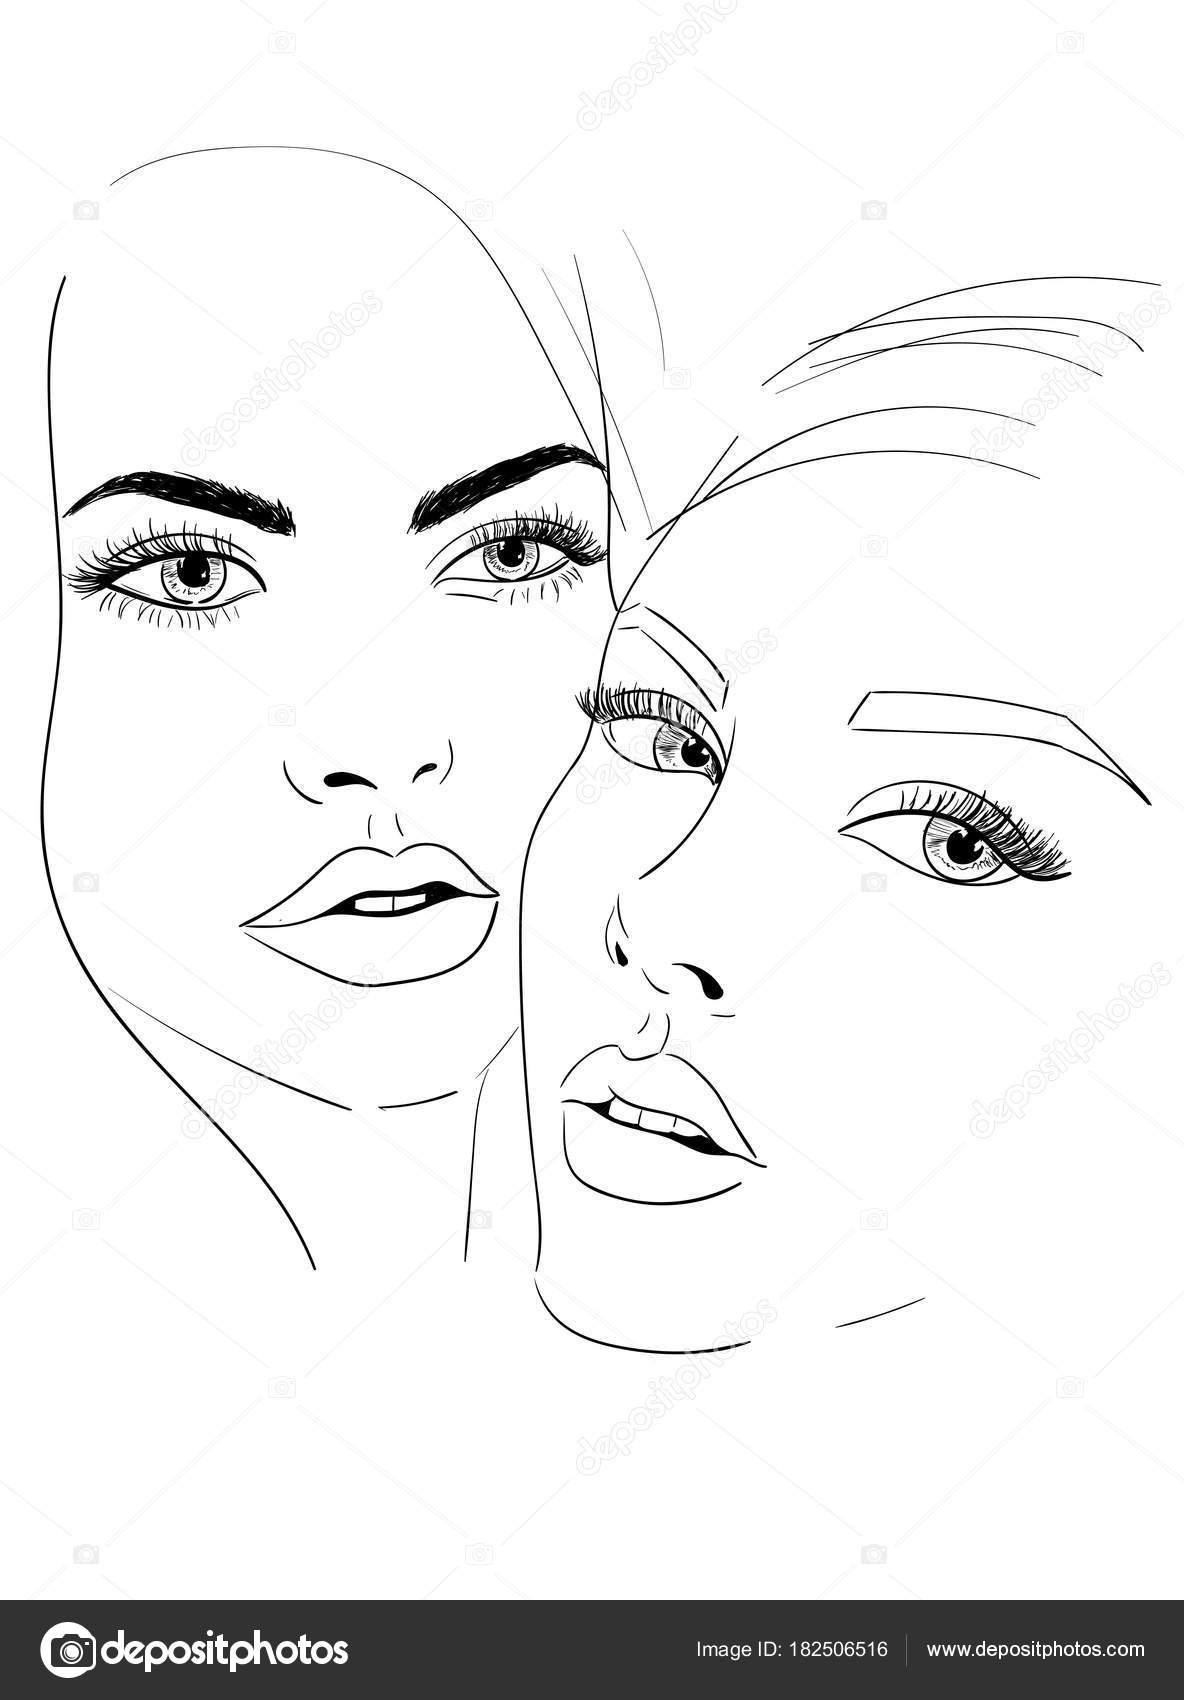 Dibujo de caras de dos mujeres archivo imágenes vectoriales